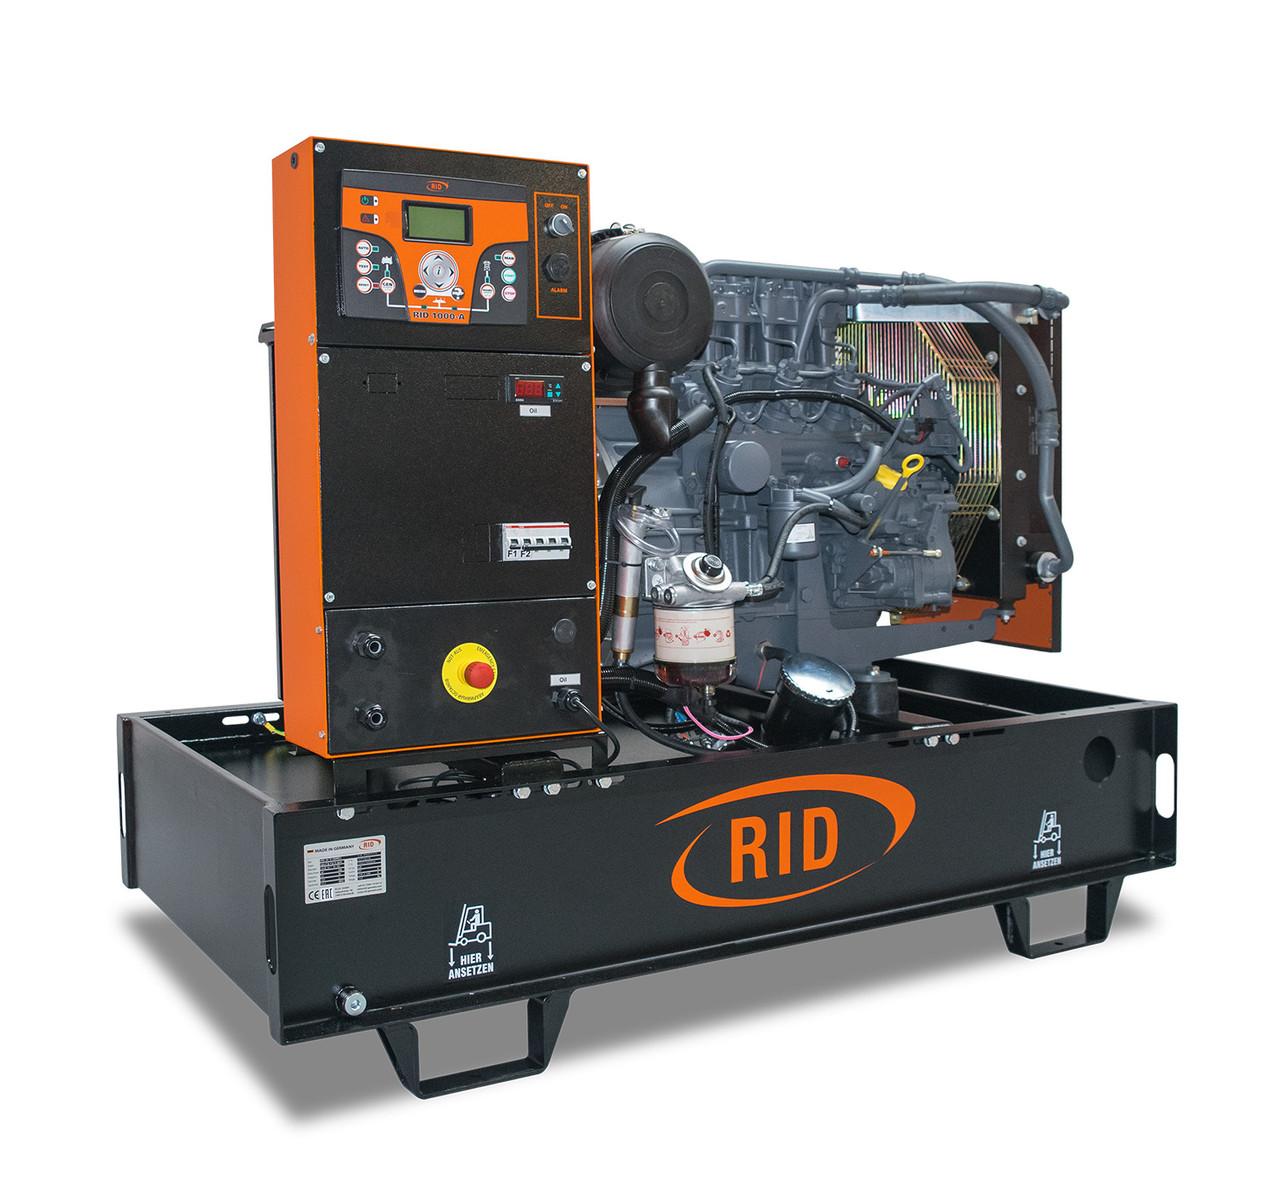 Трехфазный дизельный генератор RID 20 S-SERIES (16 кВт)